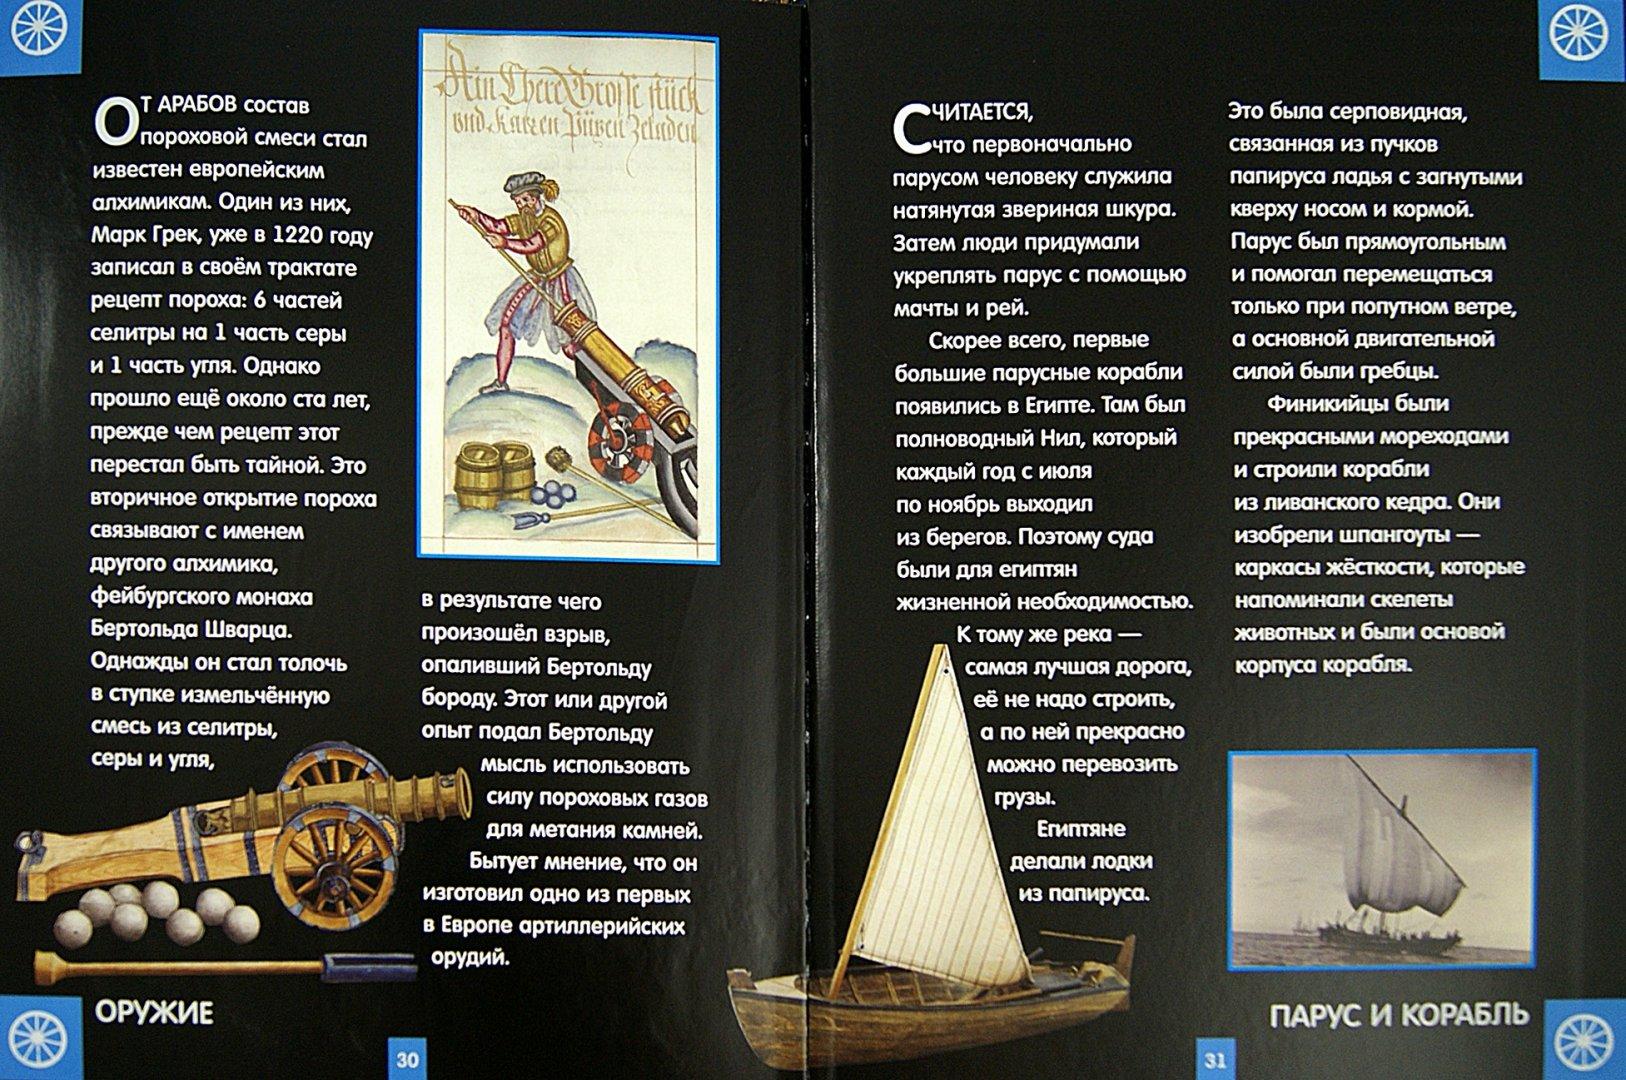 Иллюстрация 1 из 4 для Светящаяся книга о великих открытиях - Тамара Стадольникова   Лабиринт - книги. Источник: Лабиринт